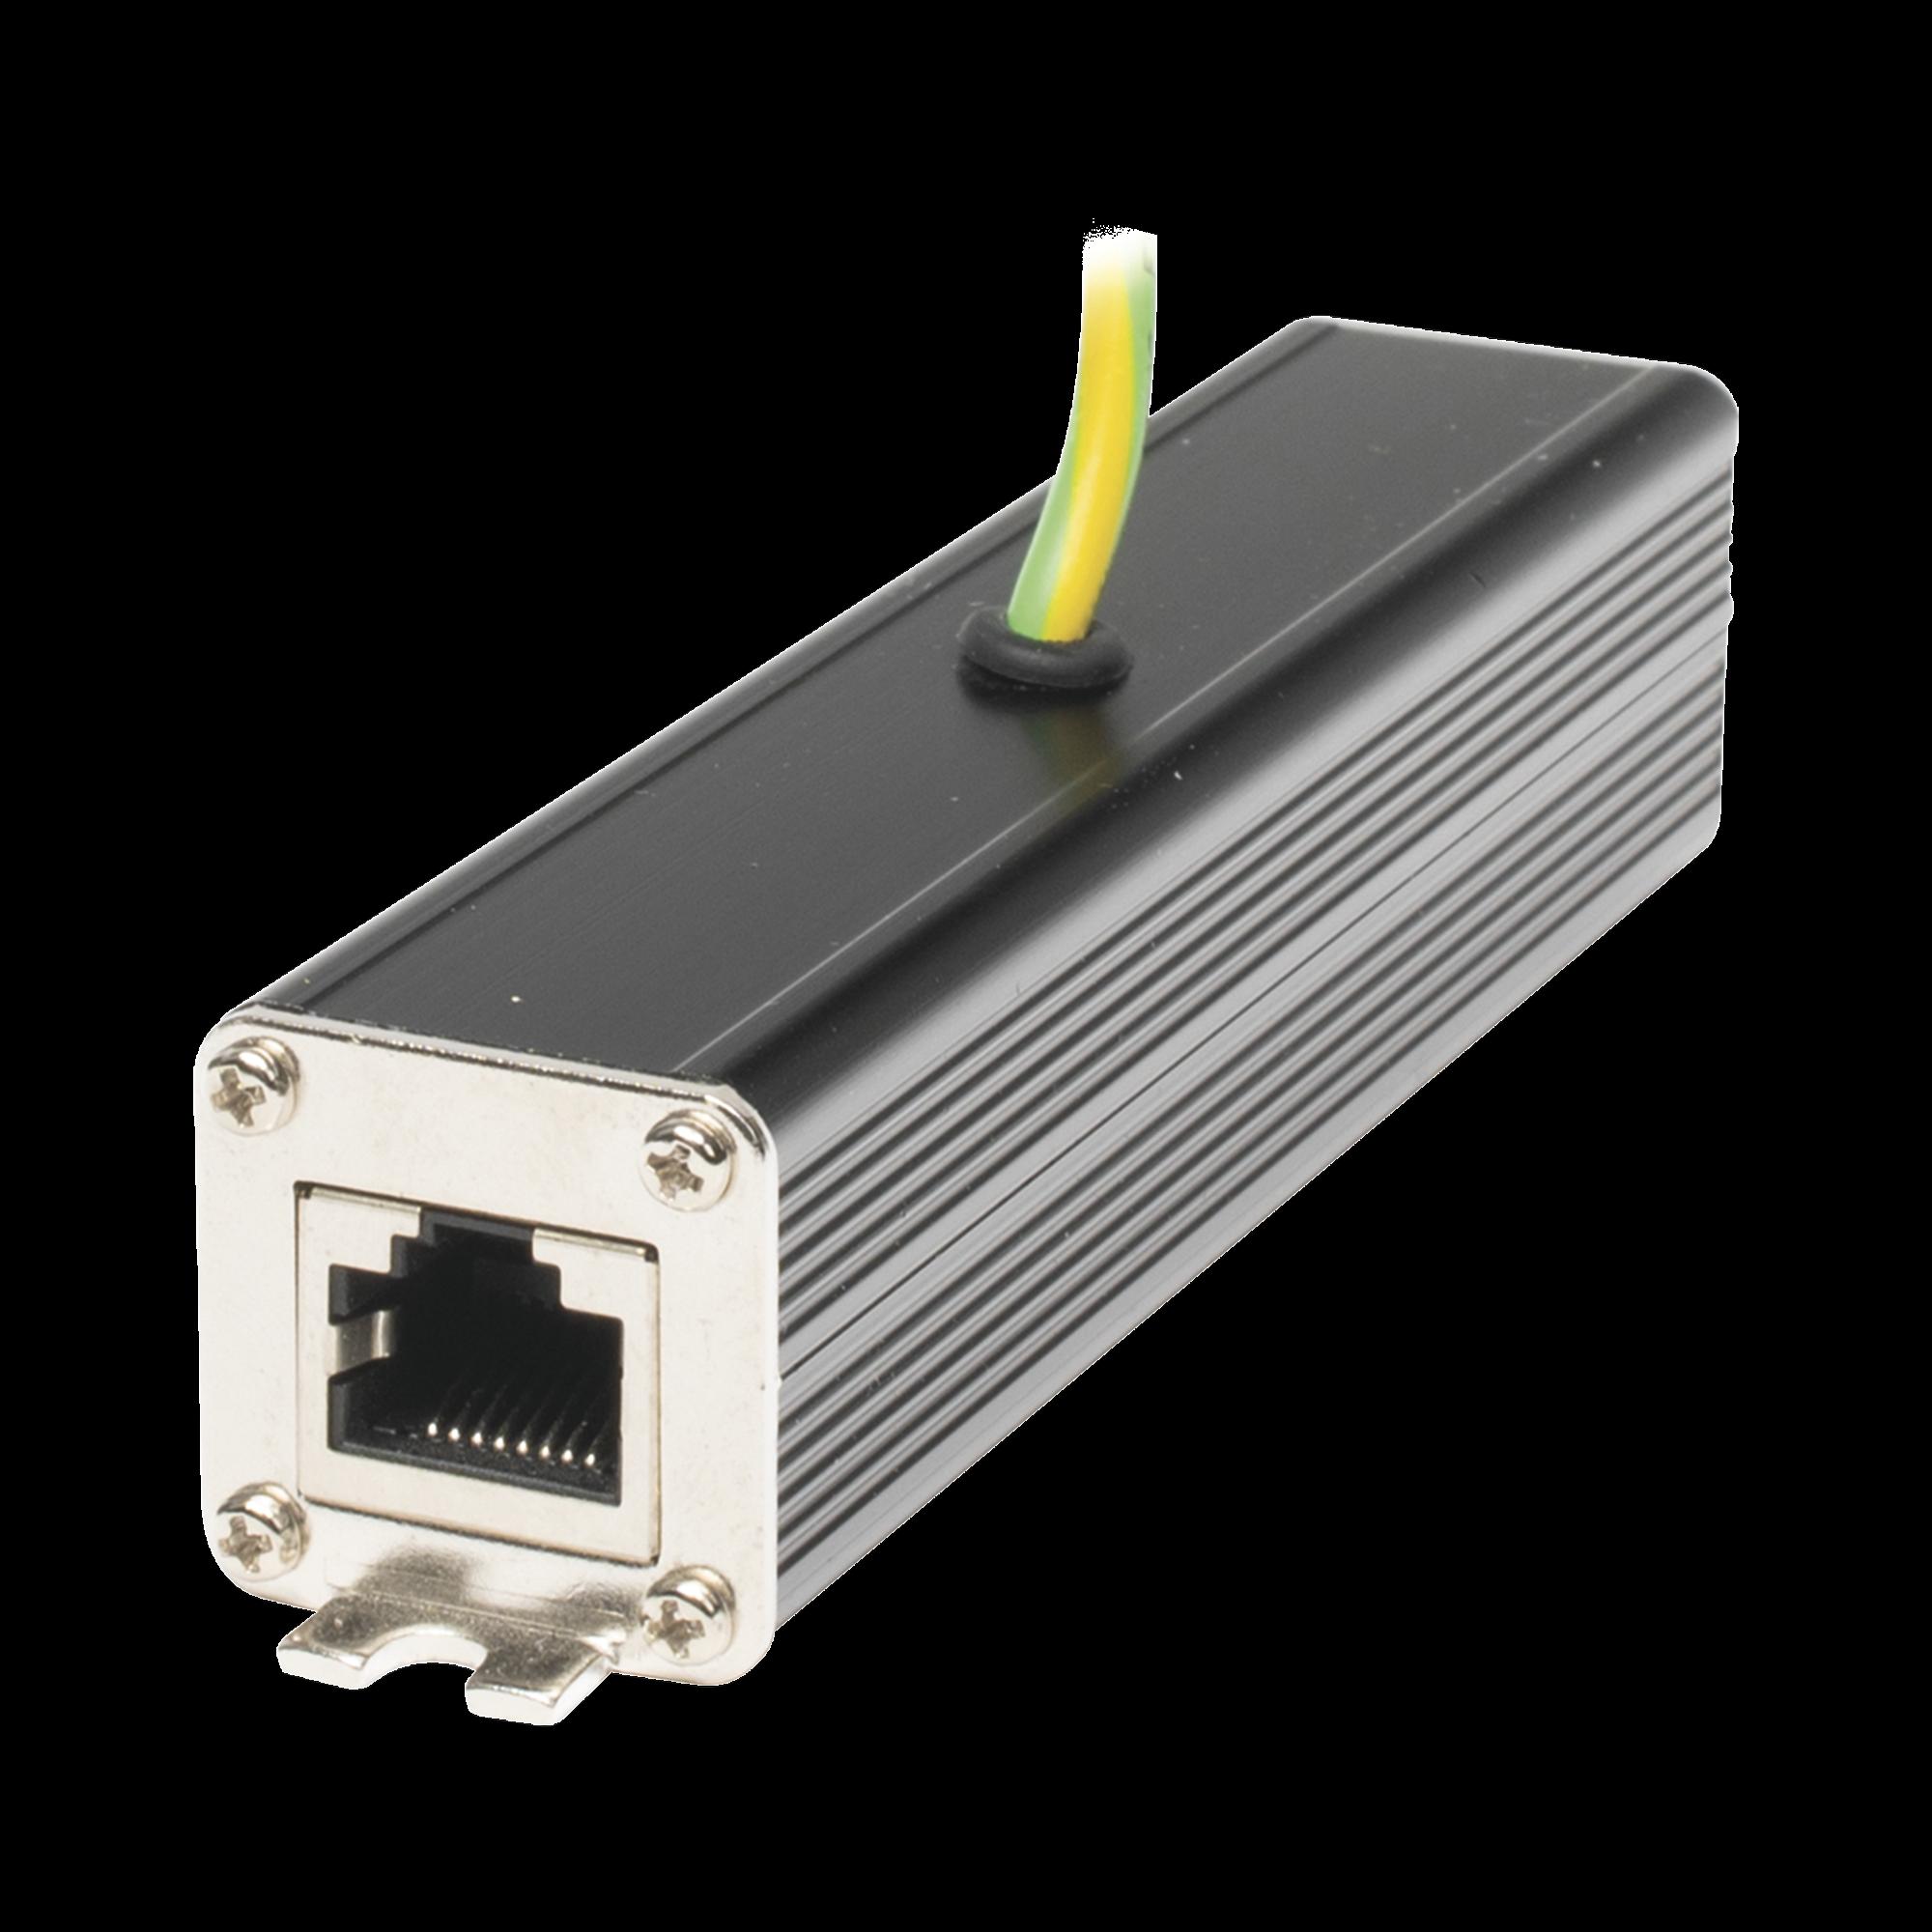 Protector contra sobretensiones Ethernet/Poe 10G